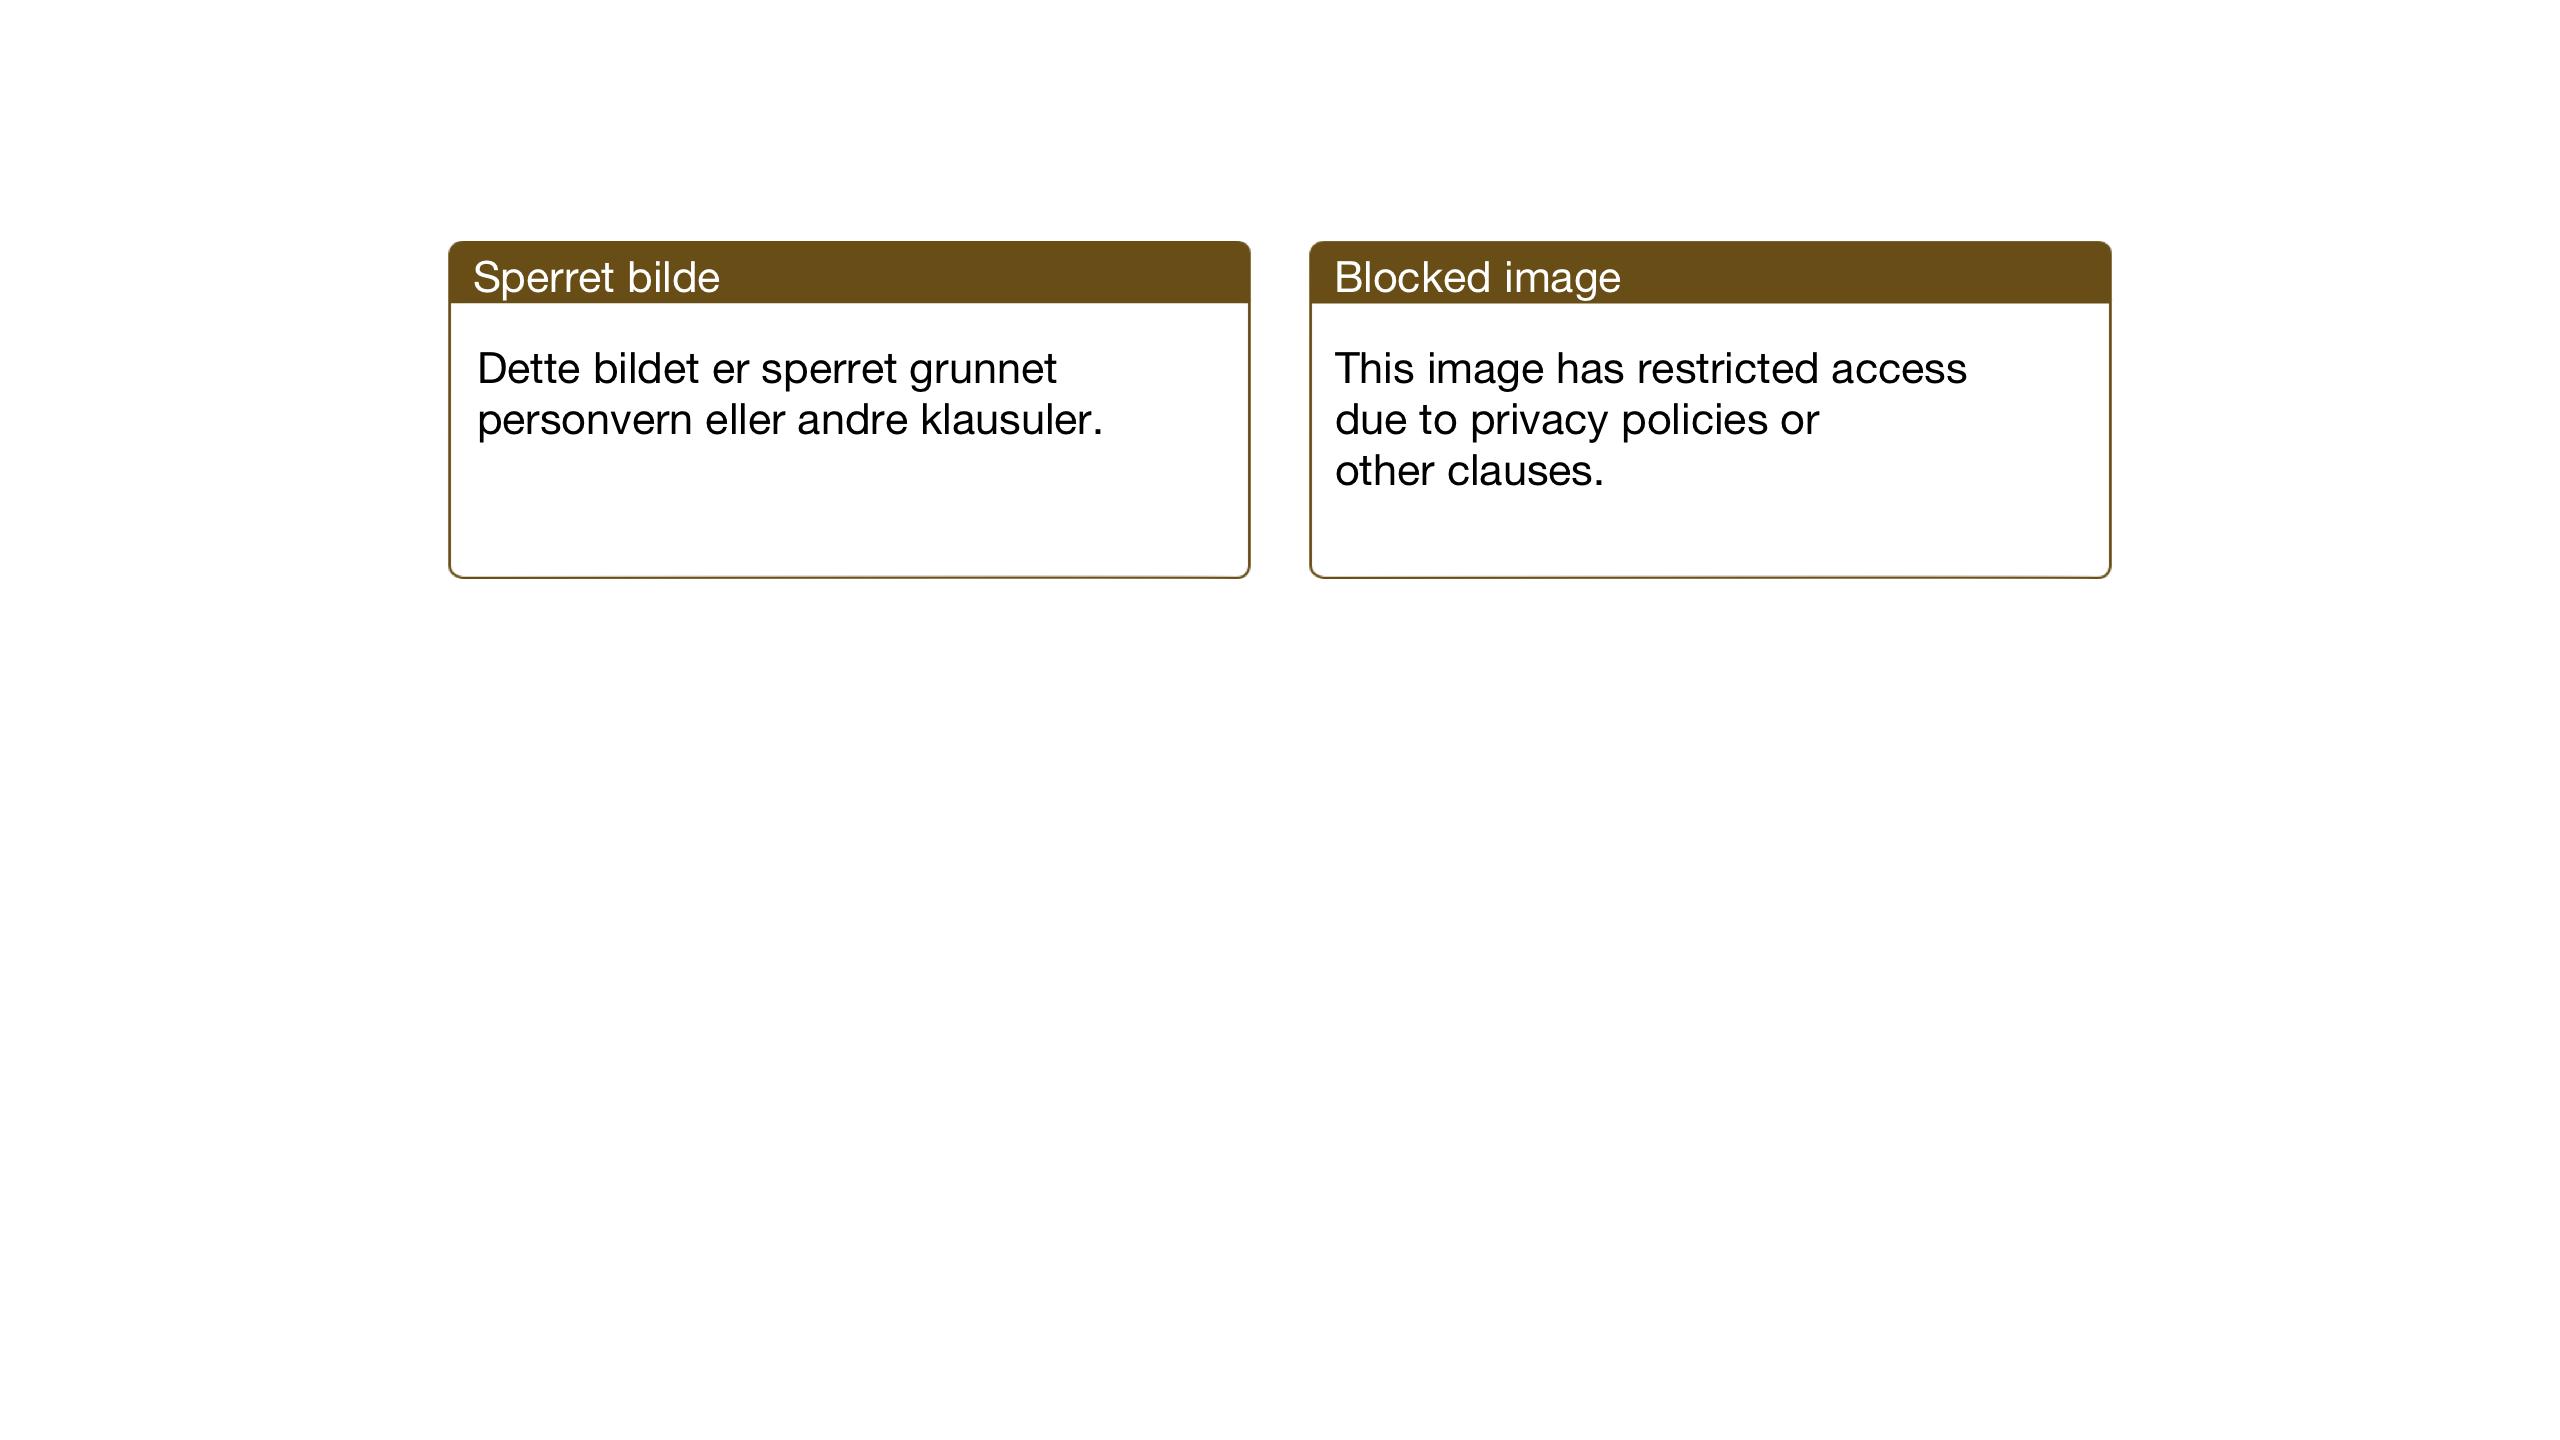 SAT, Ministerialprotokoller, klokkerbøker og fødselsregistre - Sør-Trøndelag, 607/L0328: Klokkerbok nr. 607C02, 1940-1948, s. 39